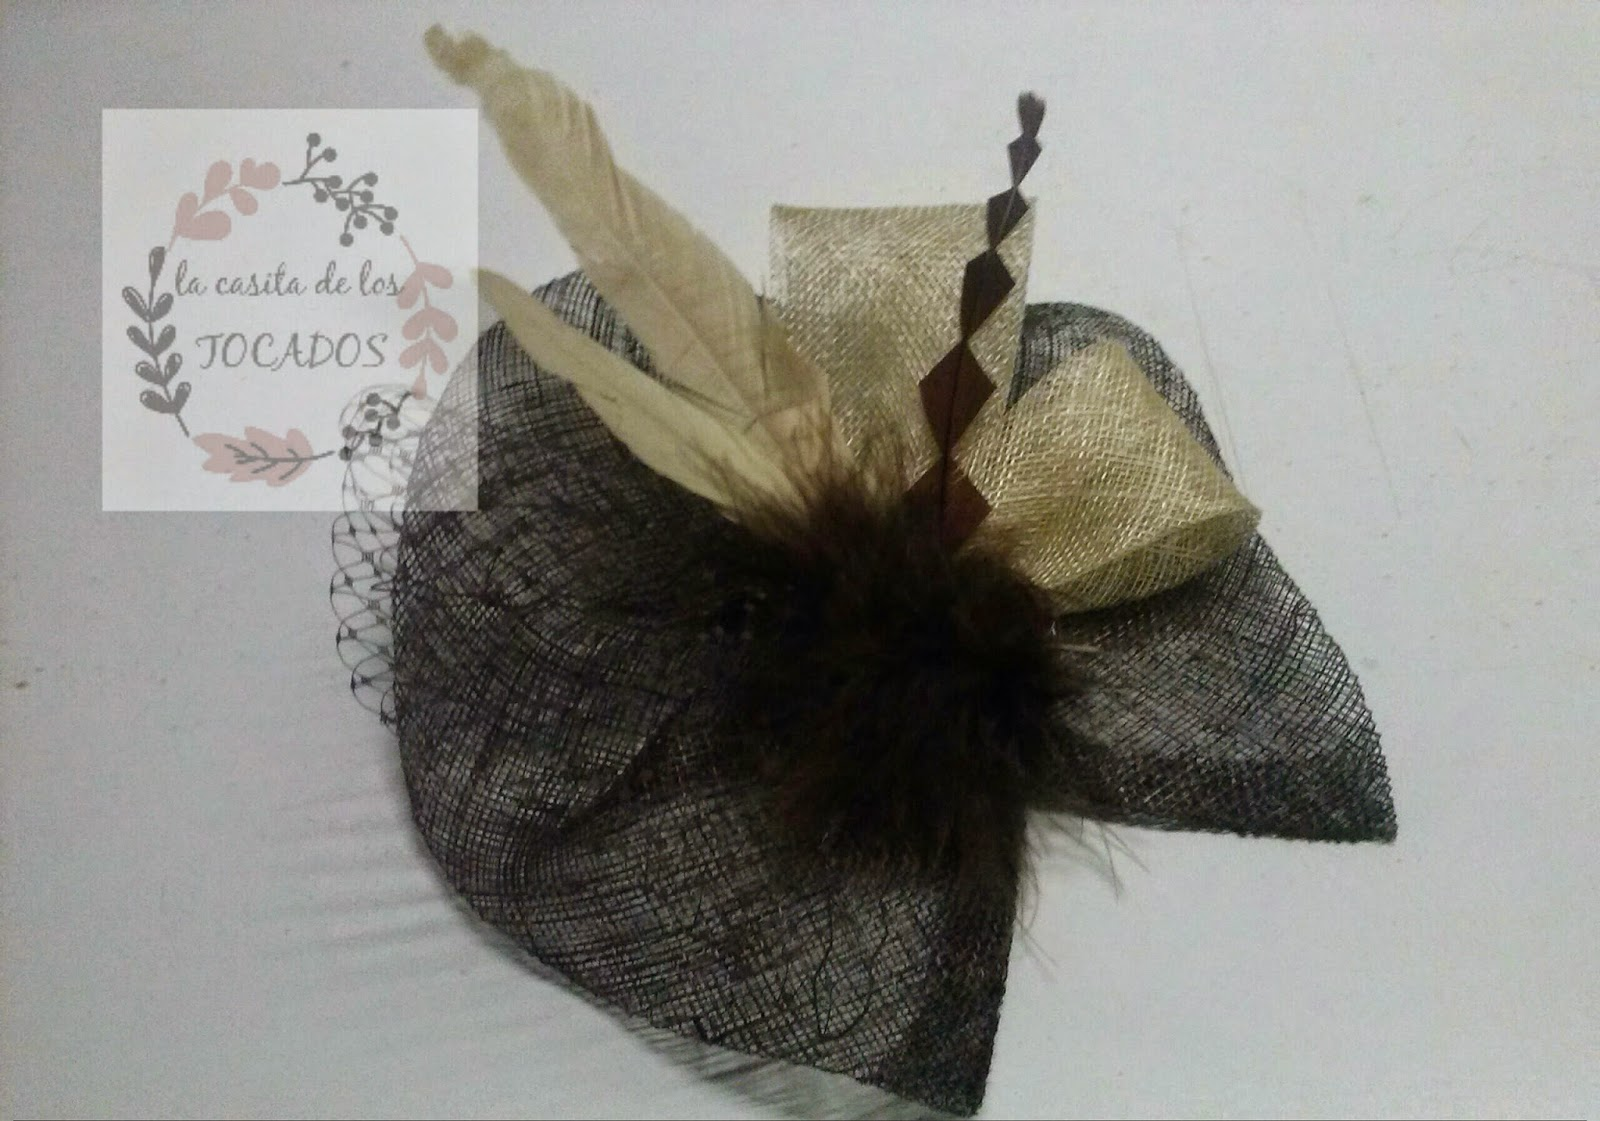 tocado artesanal en colores marrón chocolate y beige con velo, plumas, marabú y sinamay